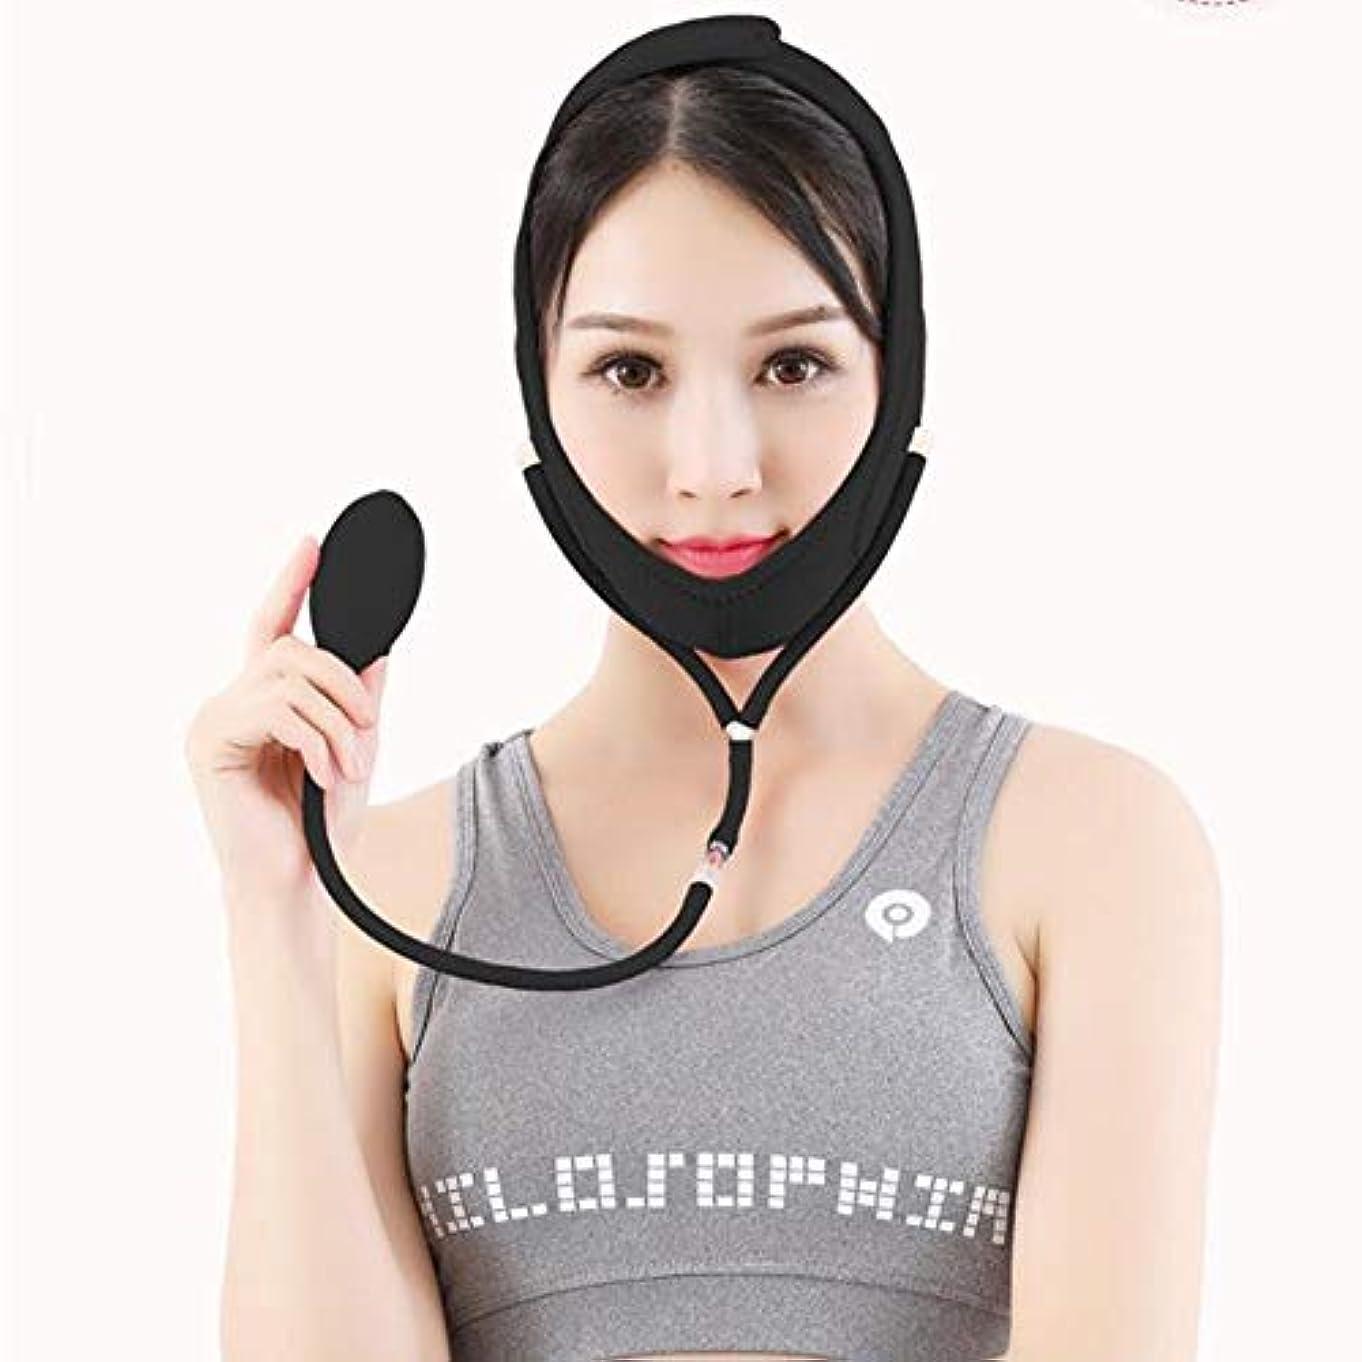 運動櫛誠意フェイスリフティングベルト、フェイスリフティング包帯フェイシャルマッサージVシェイプにより、睡眠の質が向上 (Color : Black, Size : L)